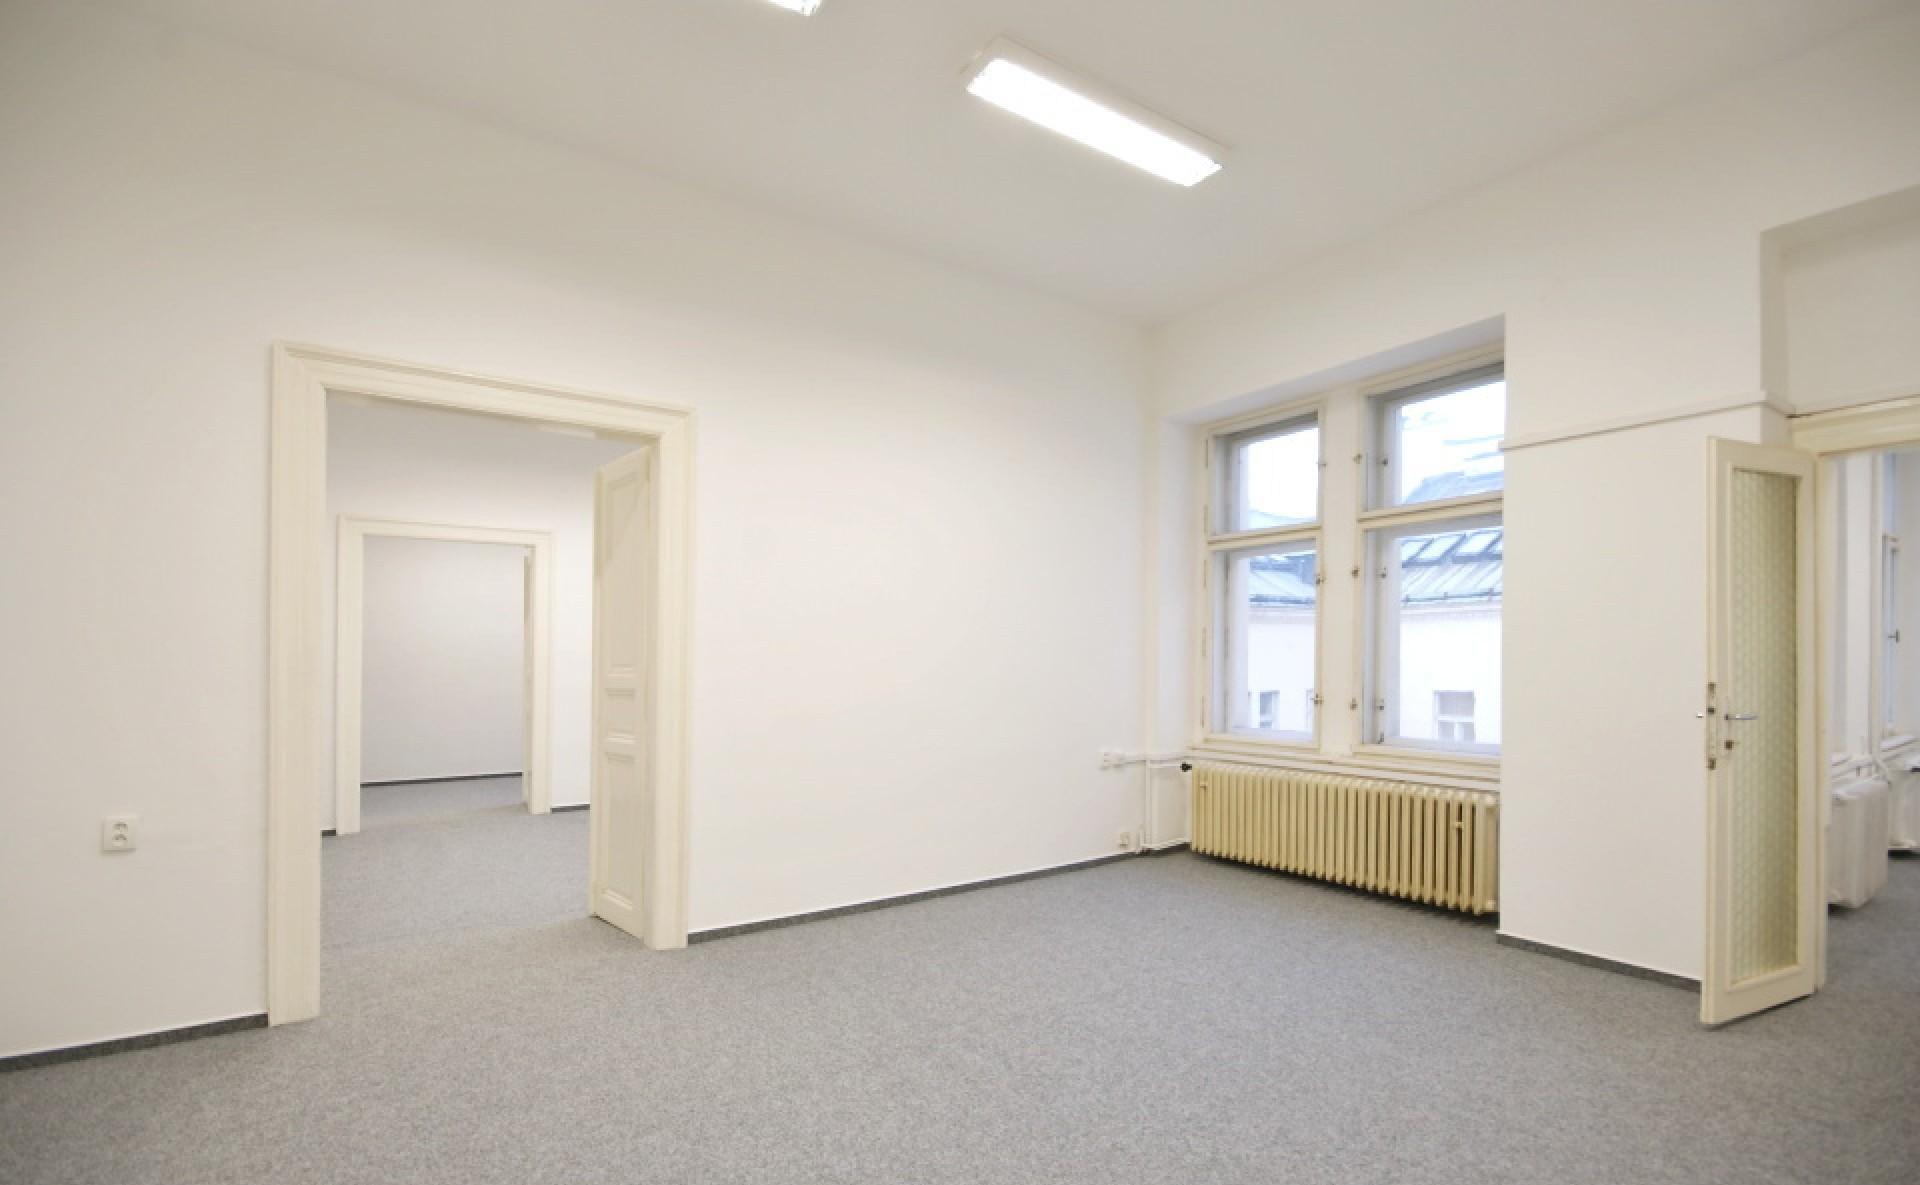 Pronájem kanceláře, Praha 1, Opletalova